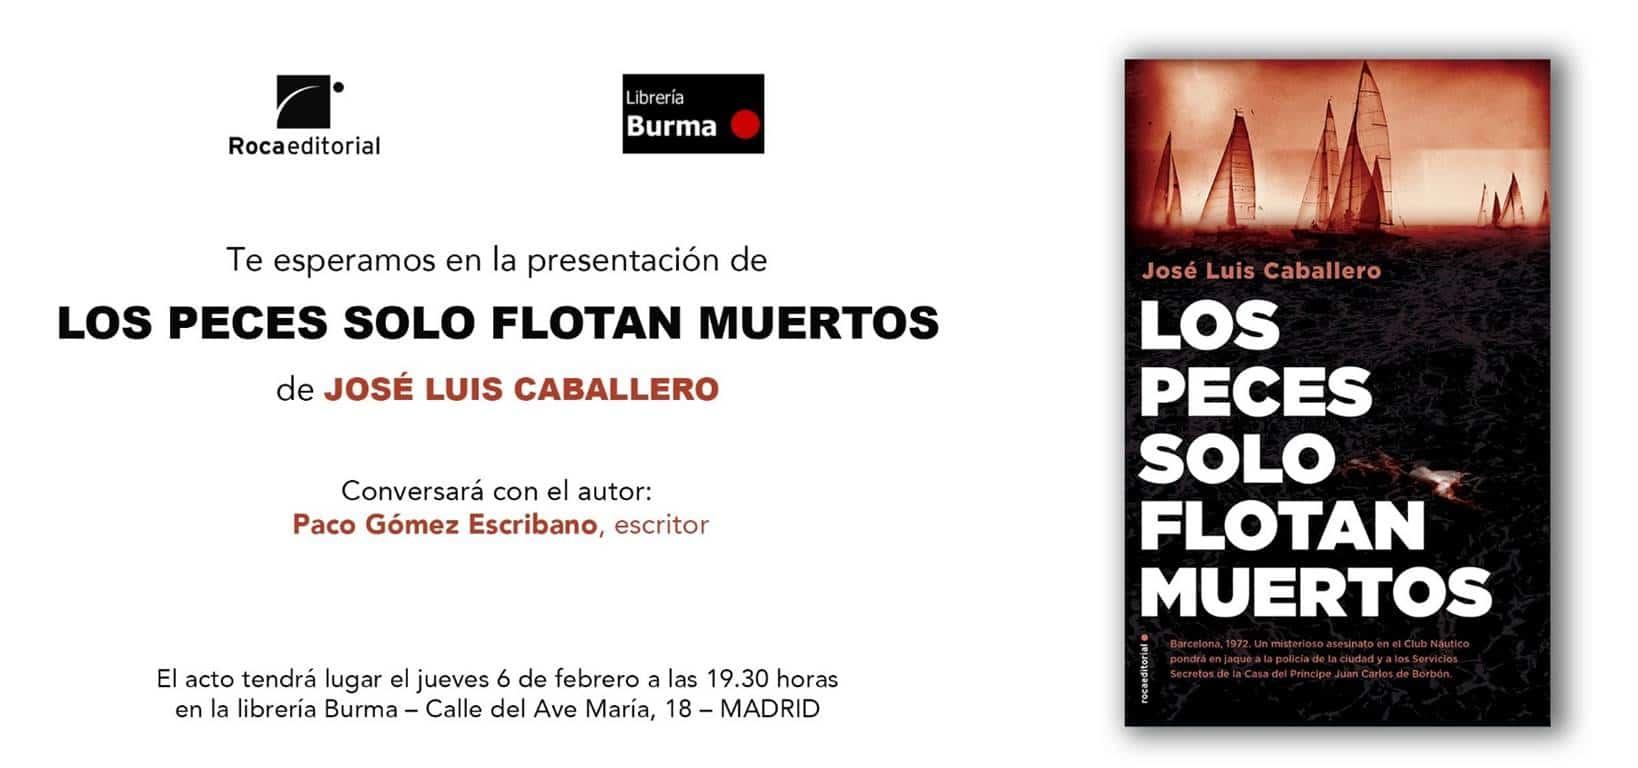 Este jueves 6 en Madrid: Presentación Los peces solo flotan muertos